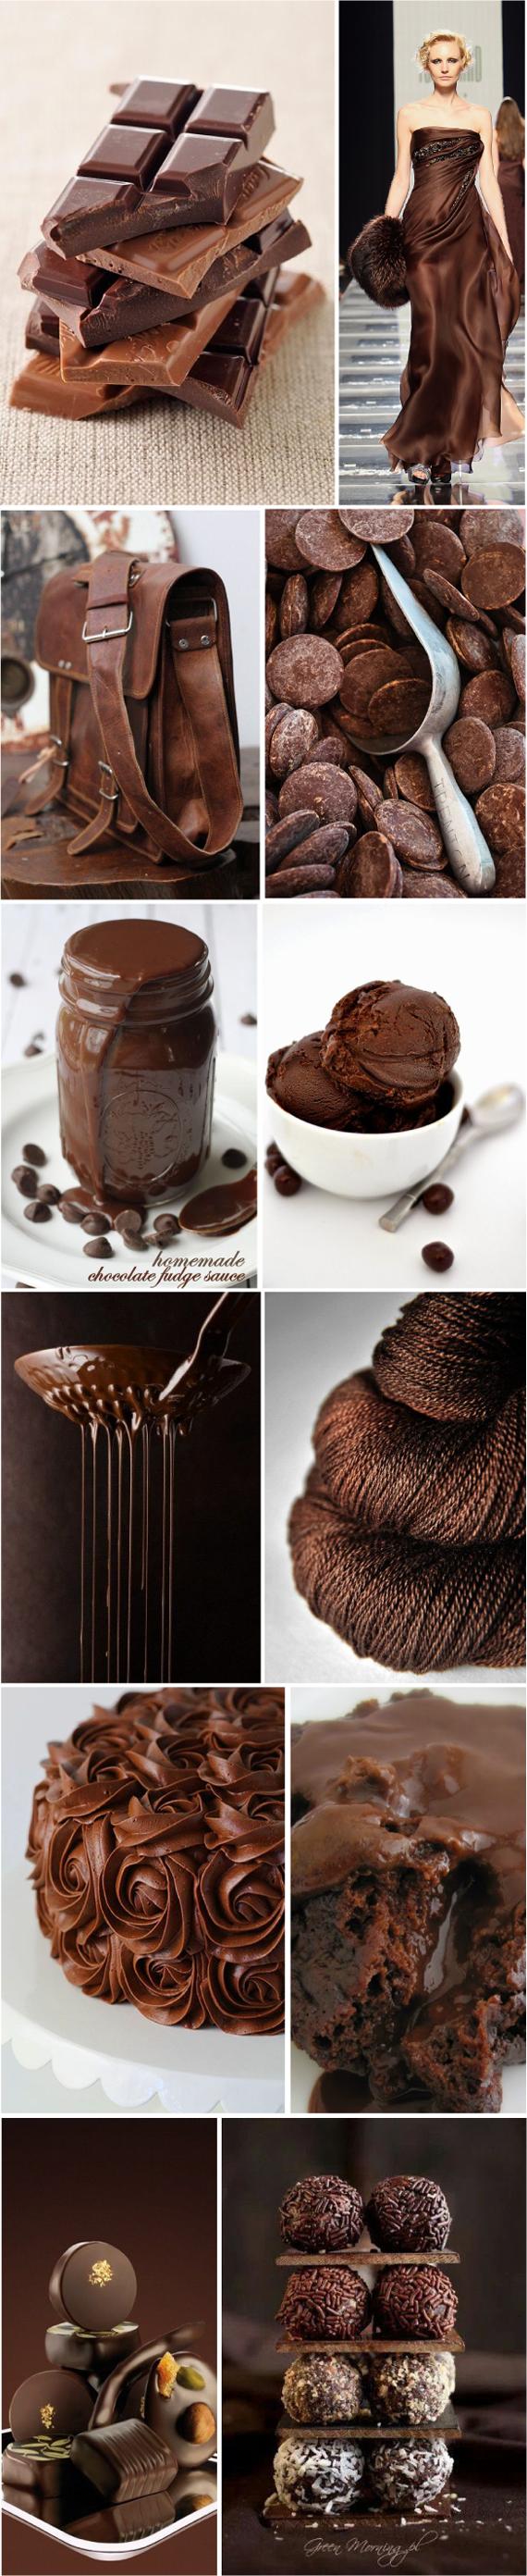 Шоколадные цвета